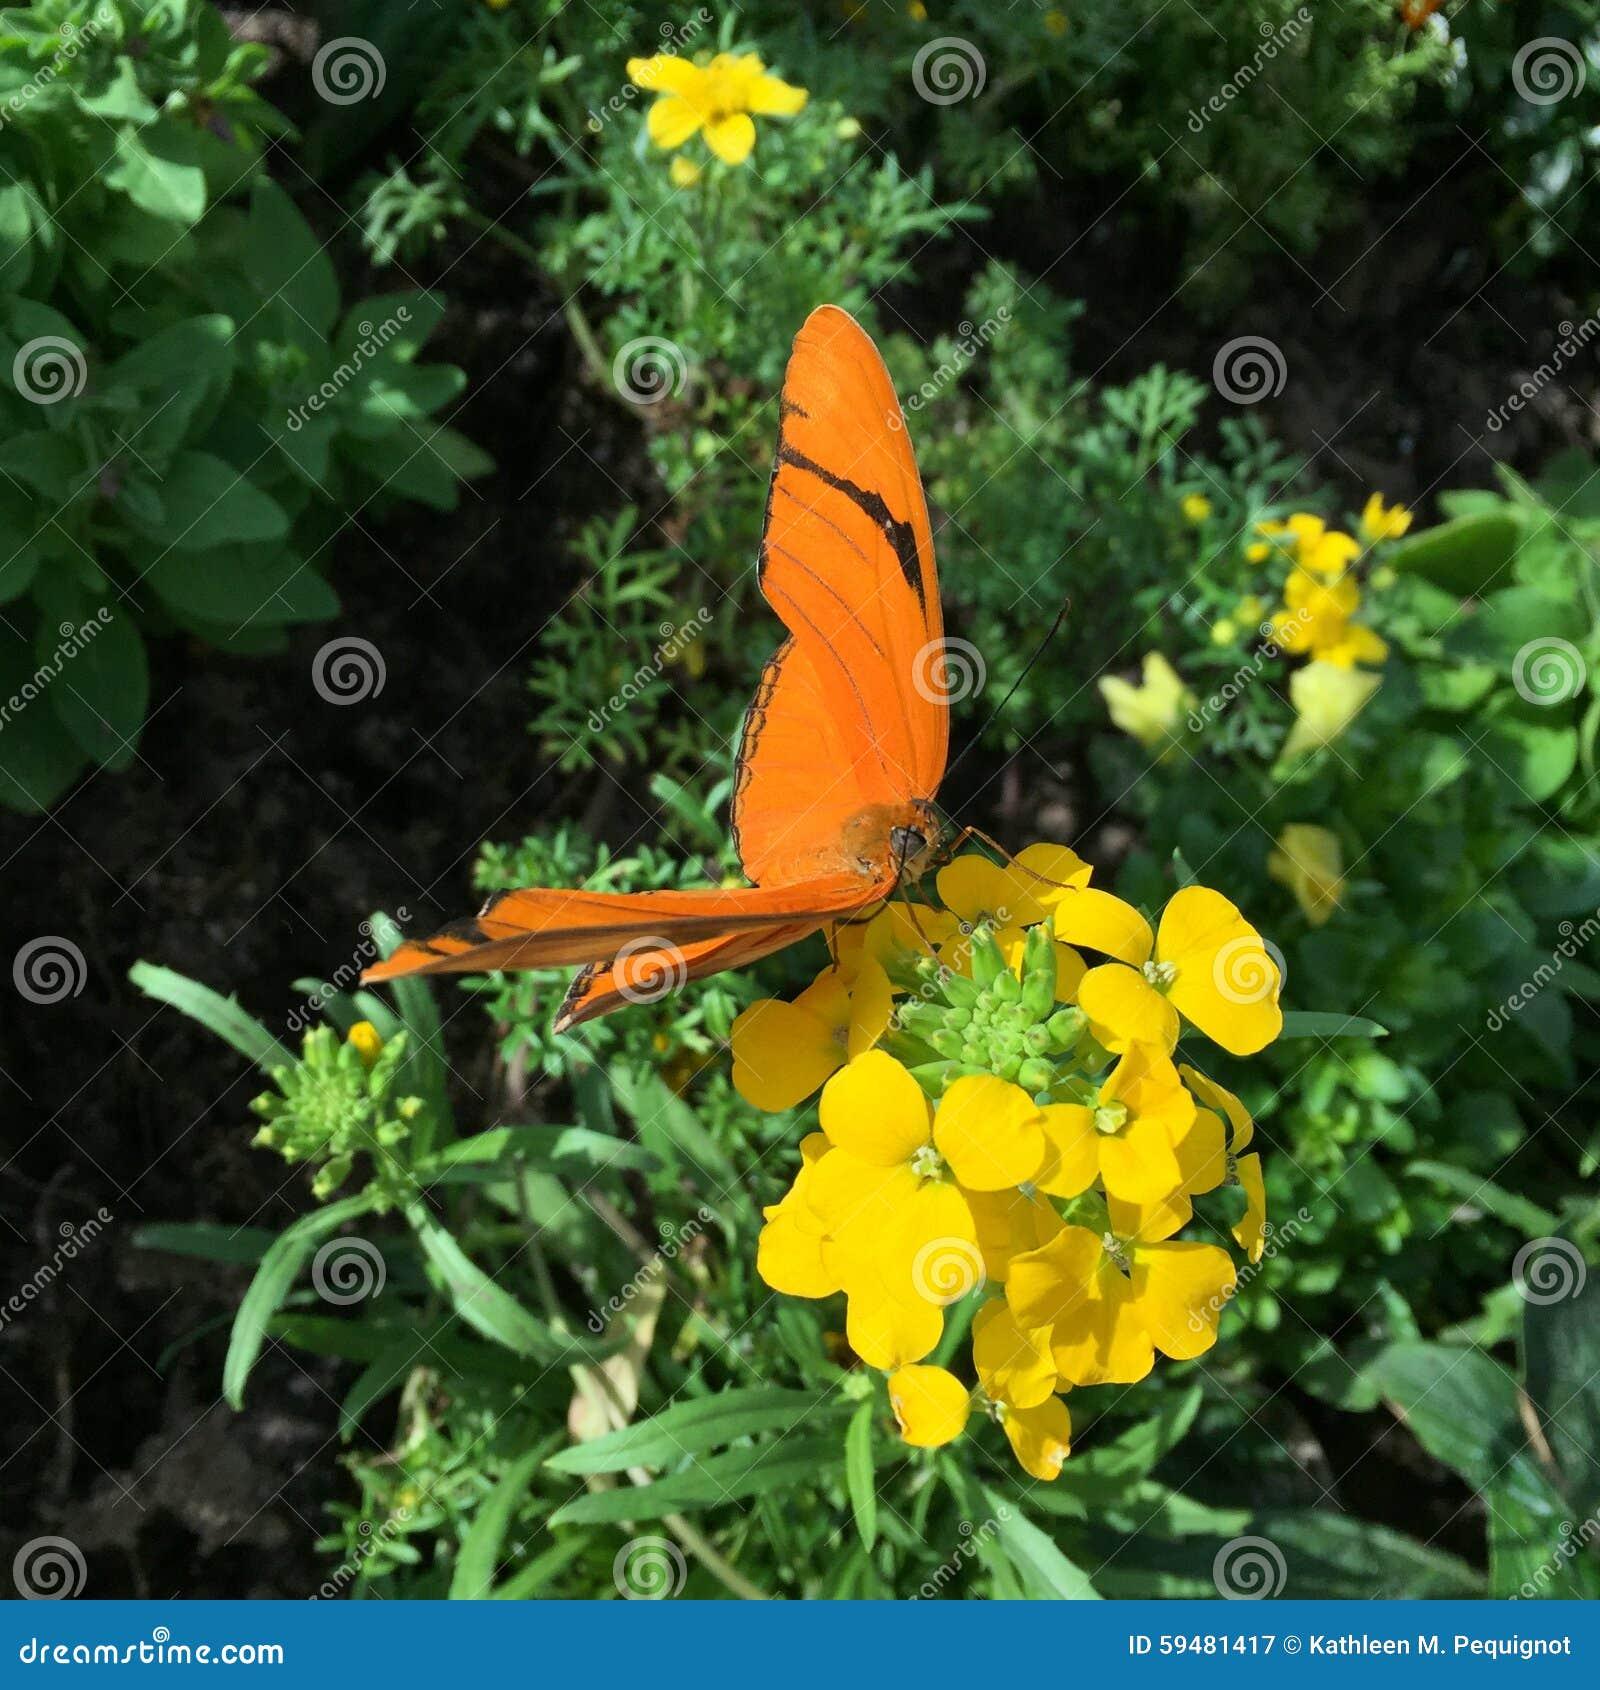 Nahaufnahme eines orange Schmetterlinges